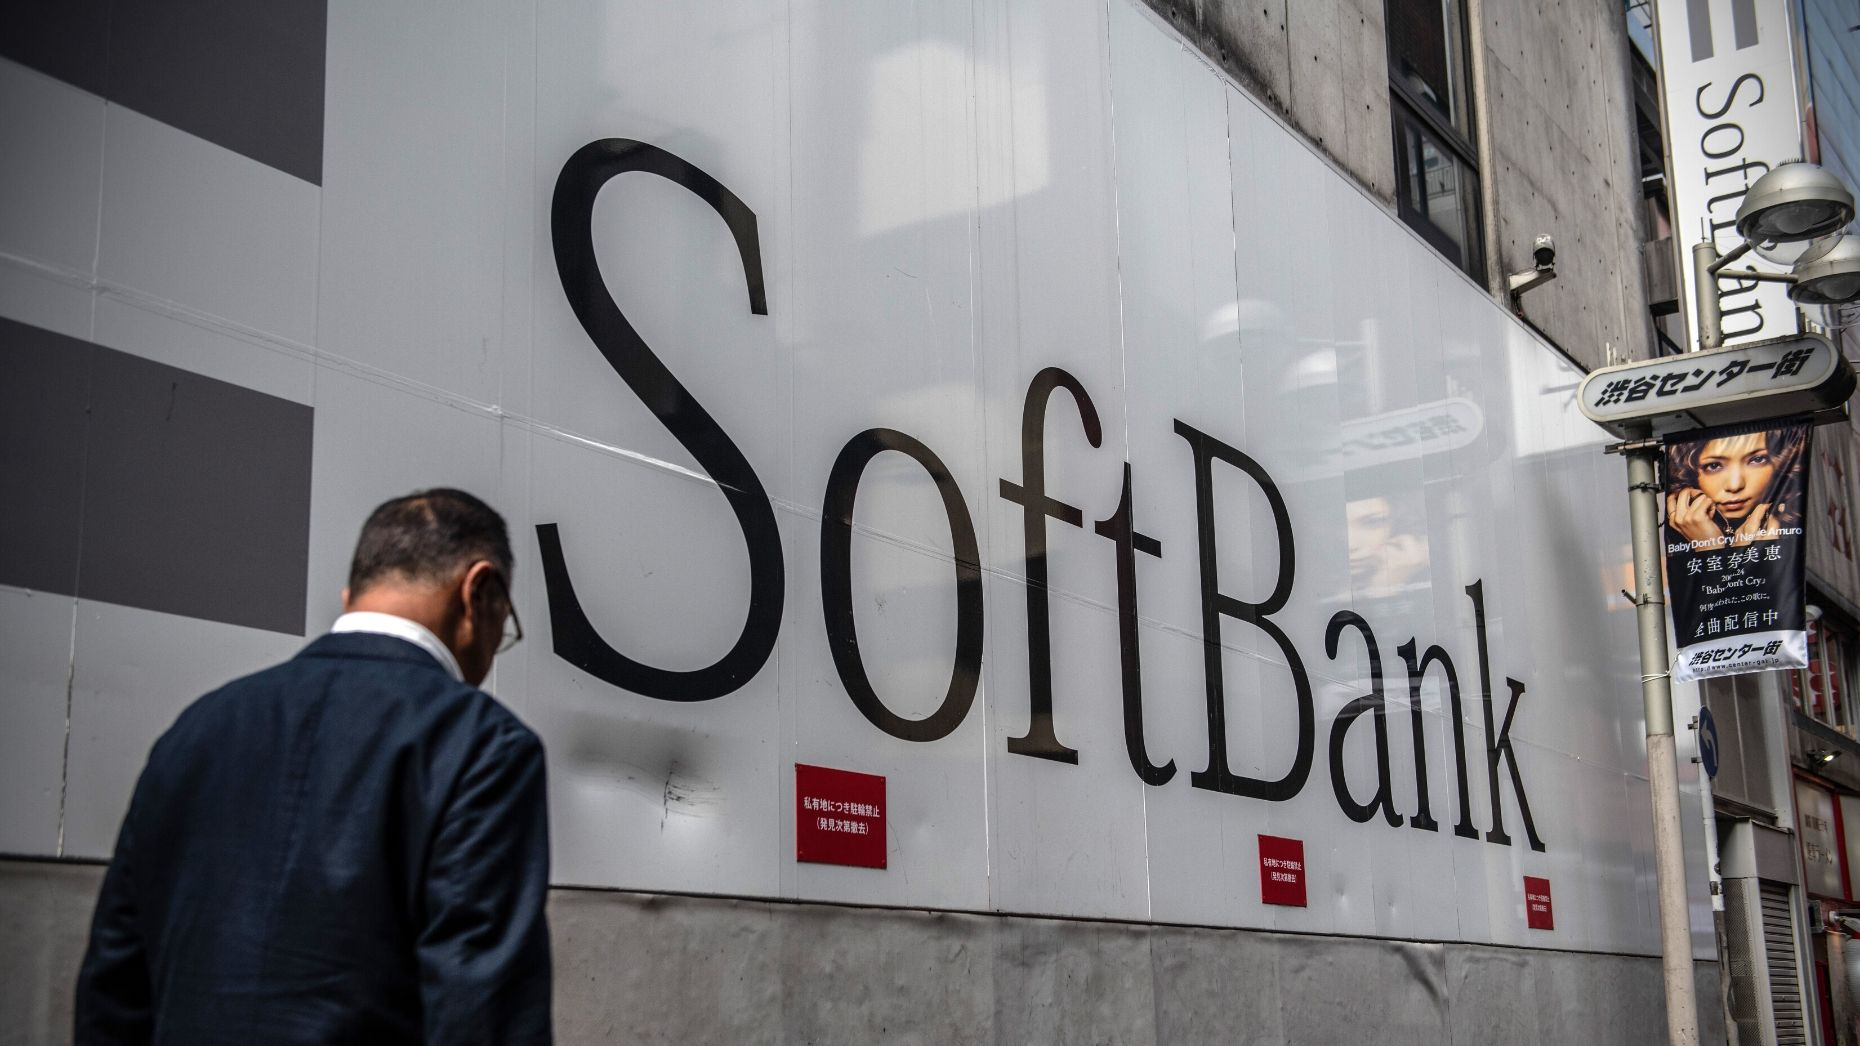 SoftBank posts record loss, warns some investments may go bankrupt